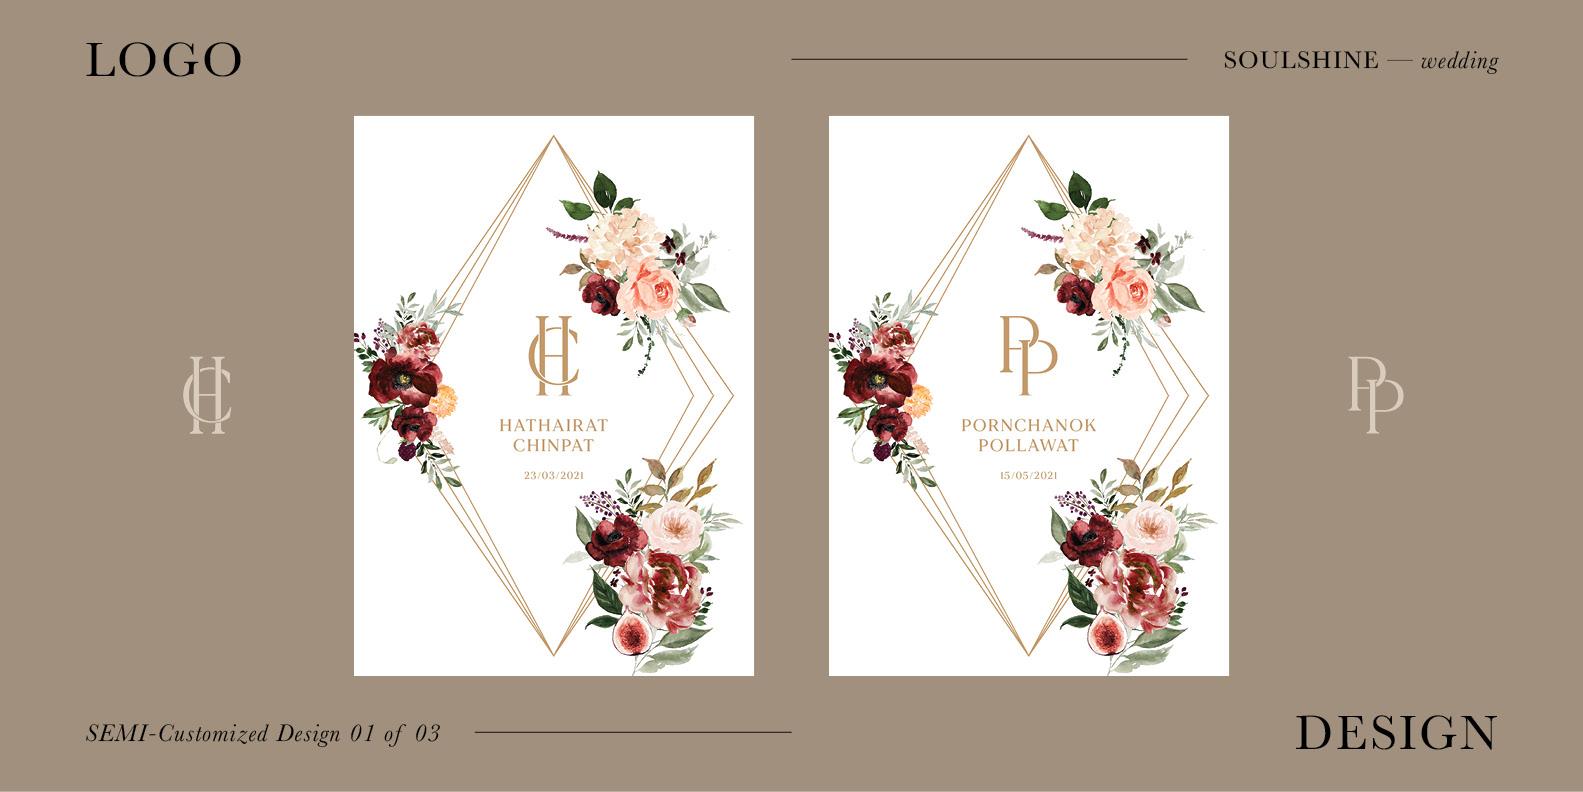 ออกแบบการ์ดแต่งงาน พิมพ์การ์ดแต่งงาน มินิมอล สไตล์เรียบหรู สวยๆ แนววินเทจ เก๋ๆ ปรับแก้แบบการ์ด semi-customized 01